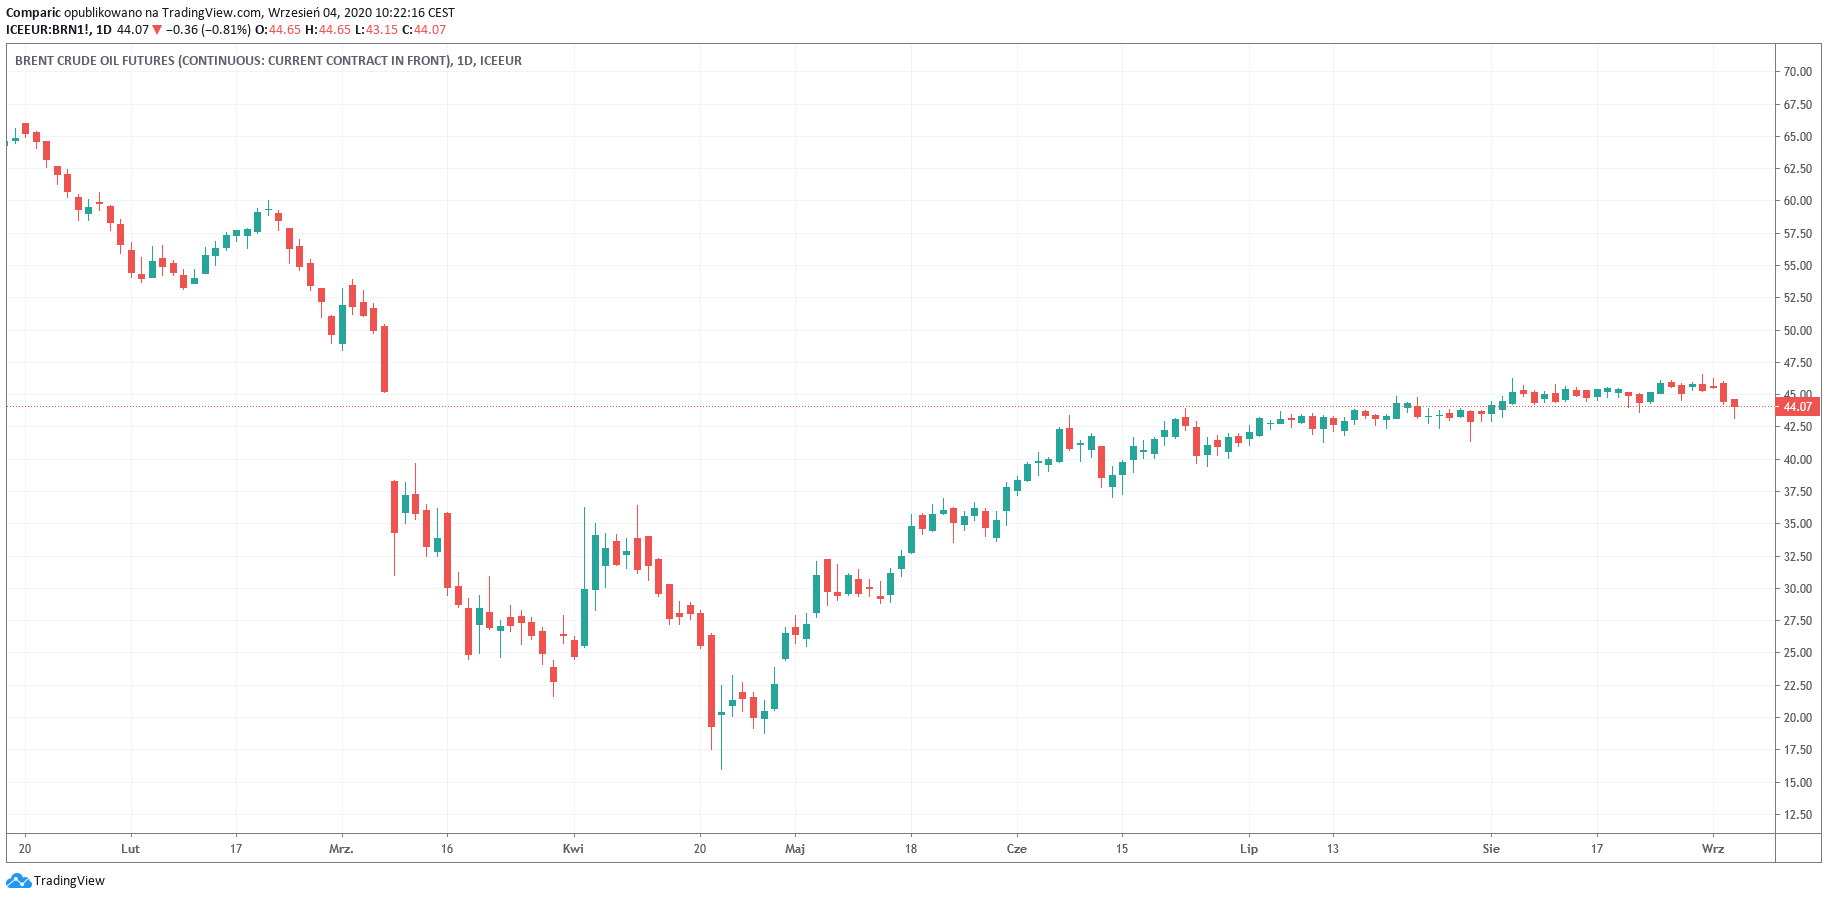 Cena ropy odbija po spadkowej serii. Popyt na paliwa nadal niepewny